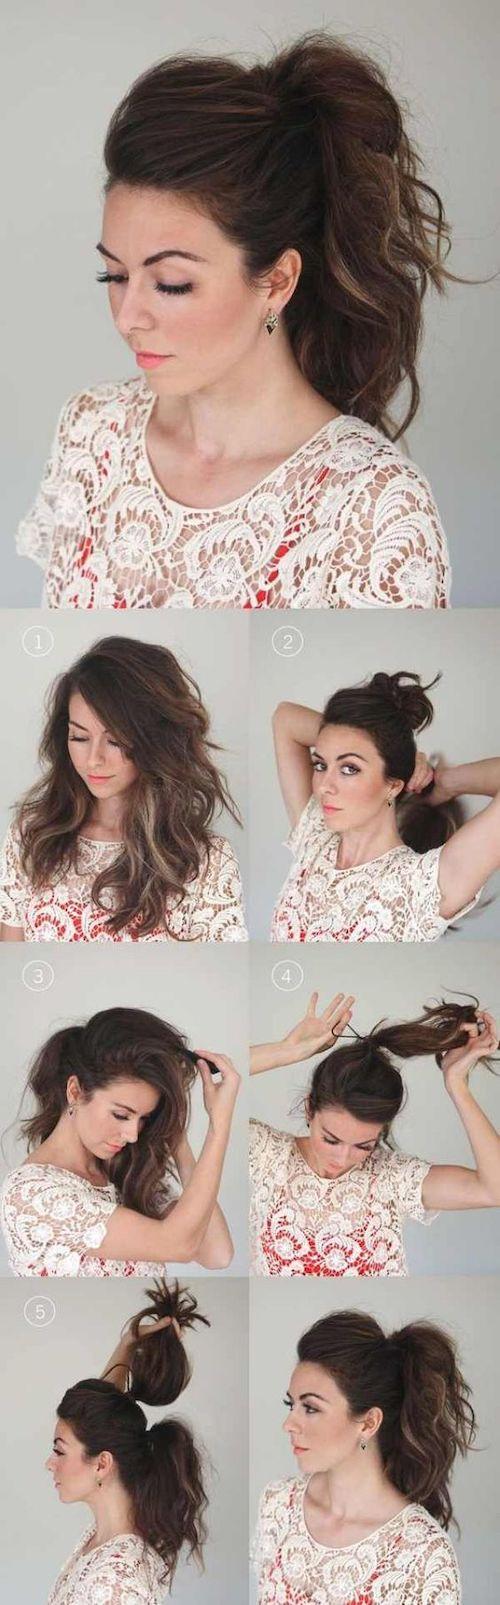 tuto coiffure facile mariage